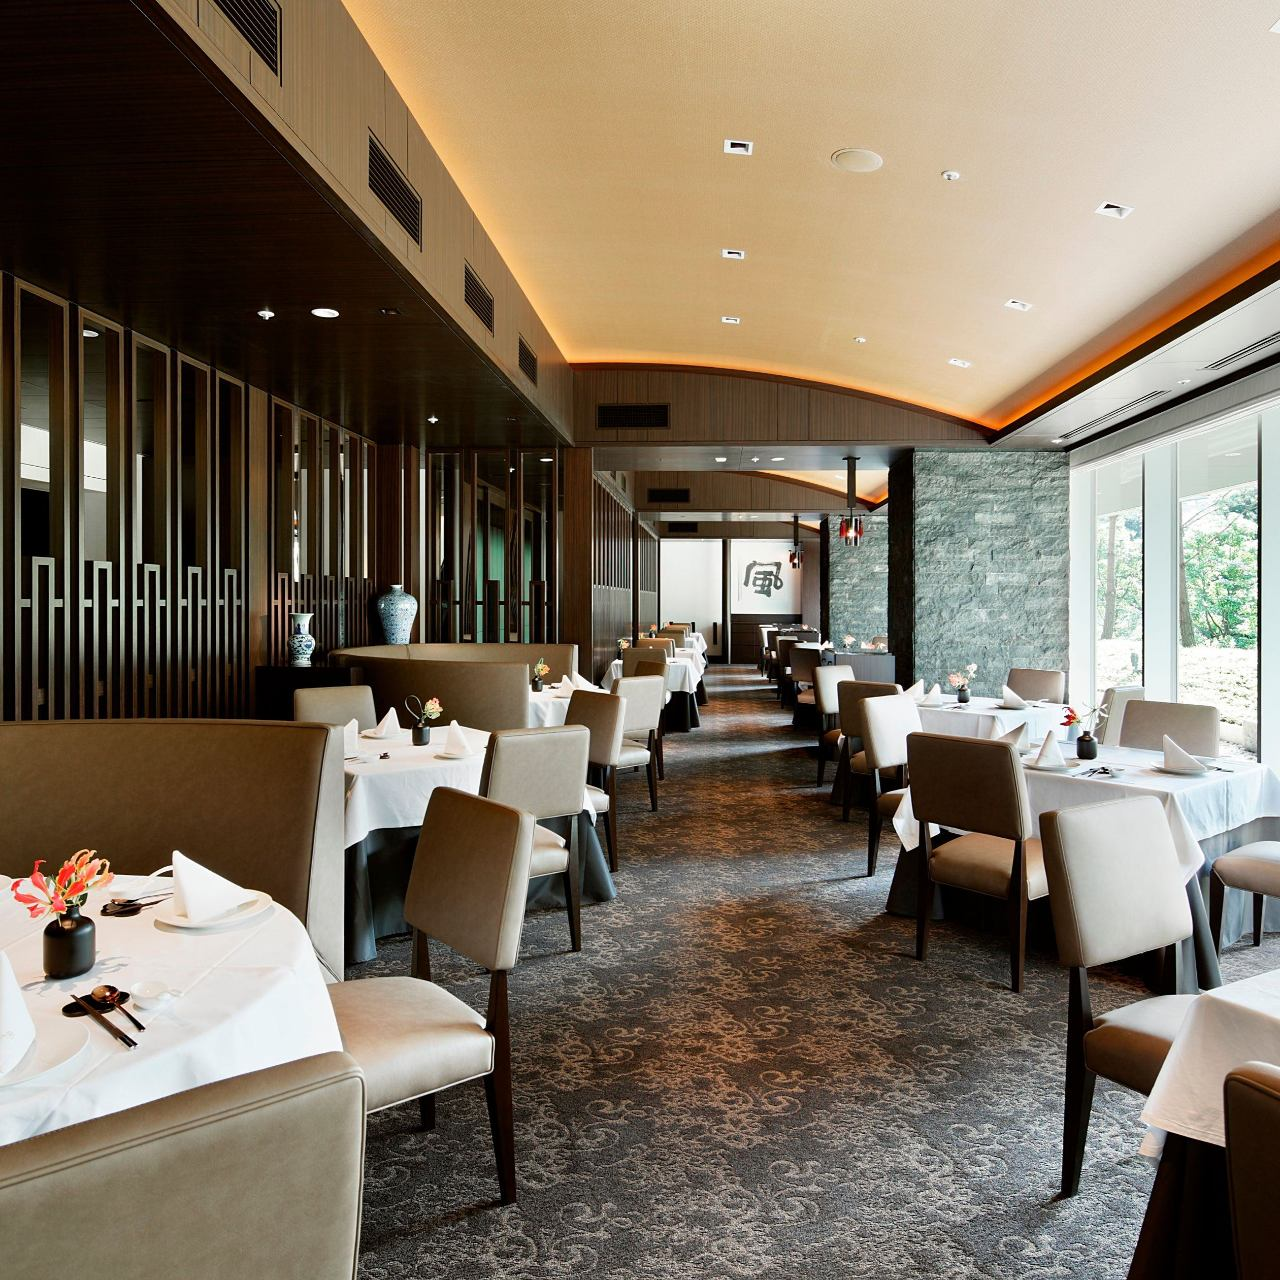 中国料理 星ヶ岡/ザ・キャピトルホテル東急のイメージ写真